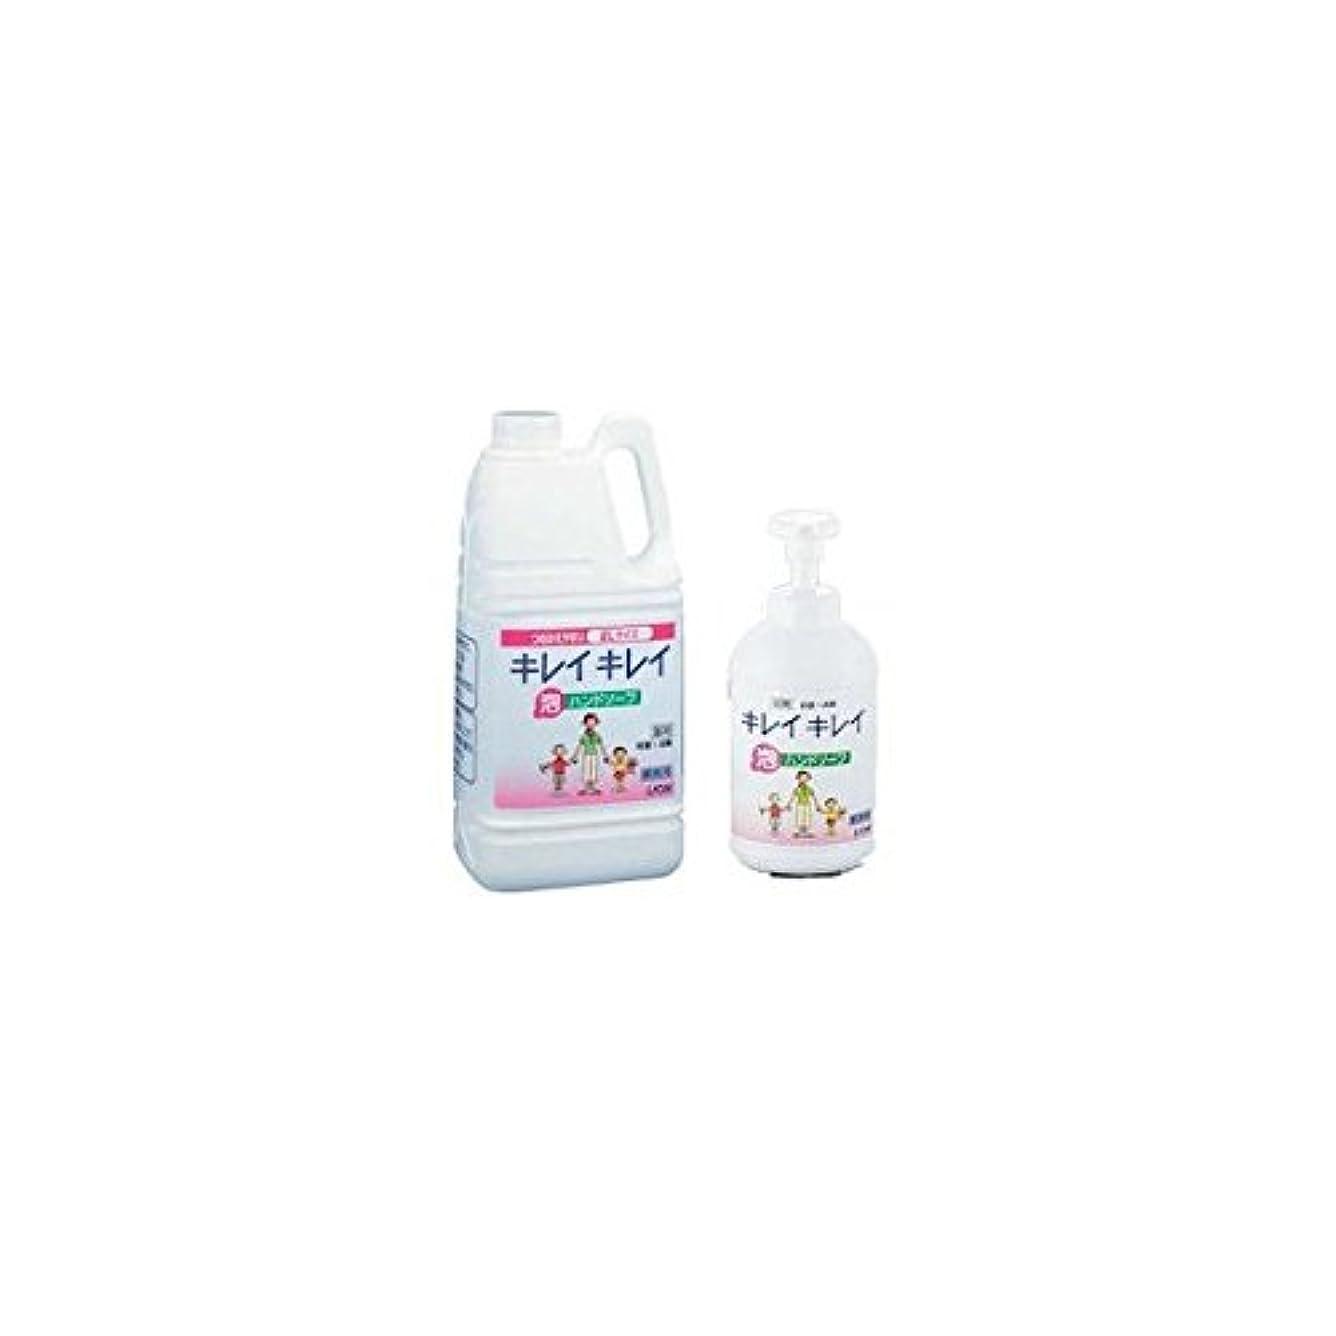 過ち浮浪者ペアライオン キレイキレイ薬用泡ハンドソープ 2L(700ML専用ポンプ付) 【品番】JHV2503